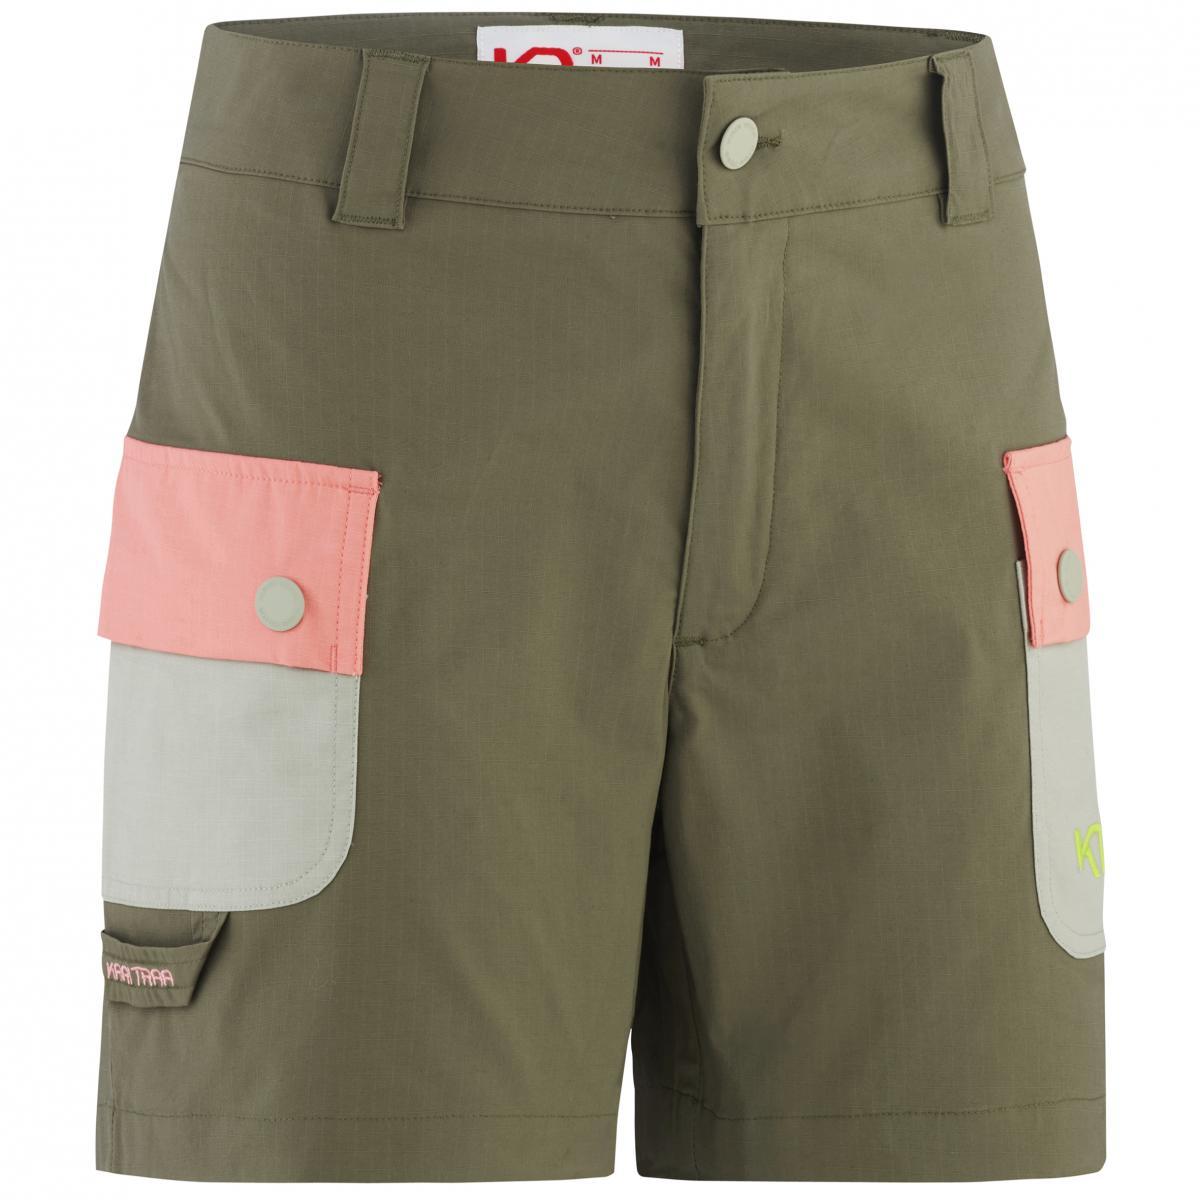 Kari Traa  Mølster Shorts, shorts, dame